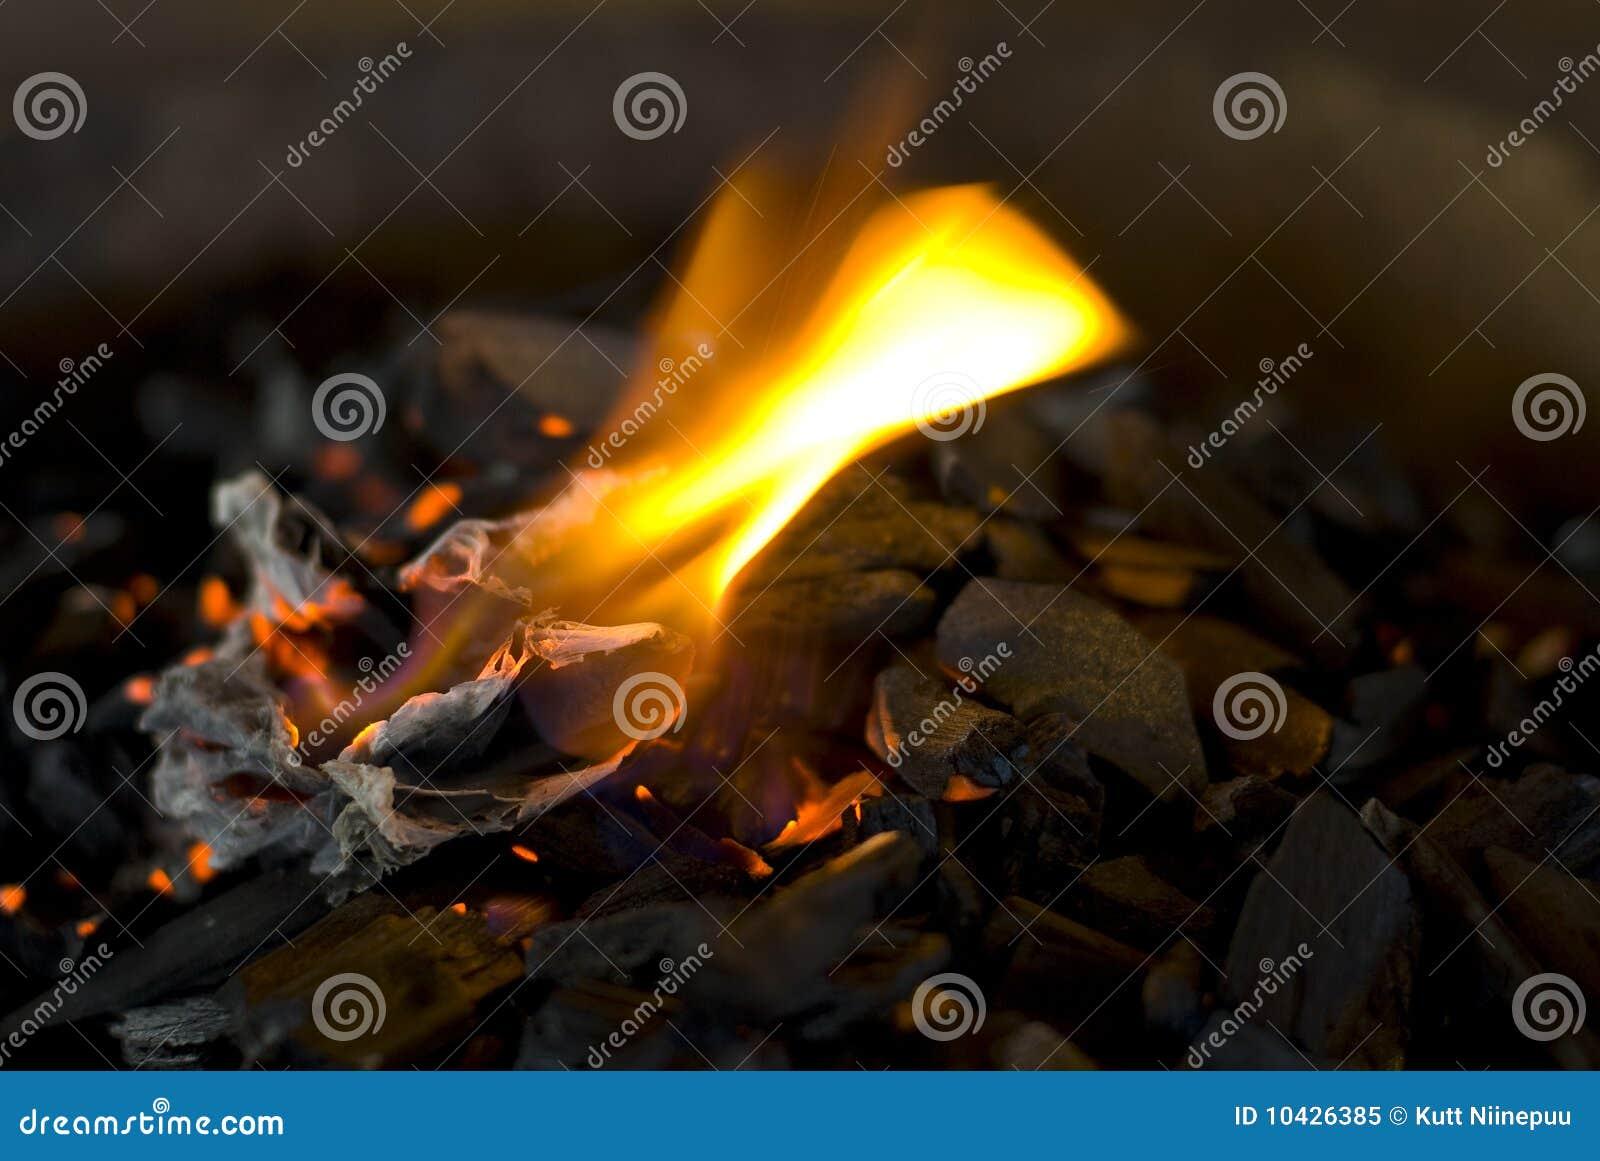 угли пылают горячий